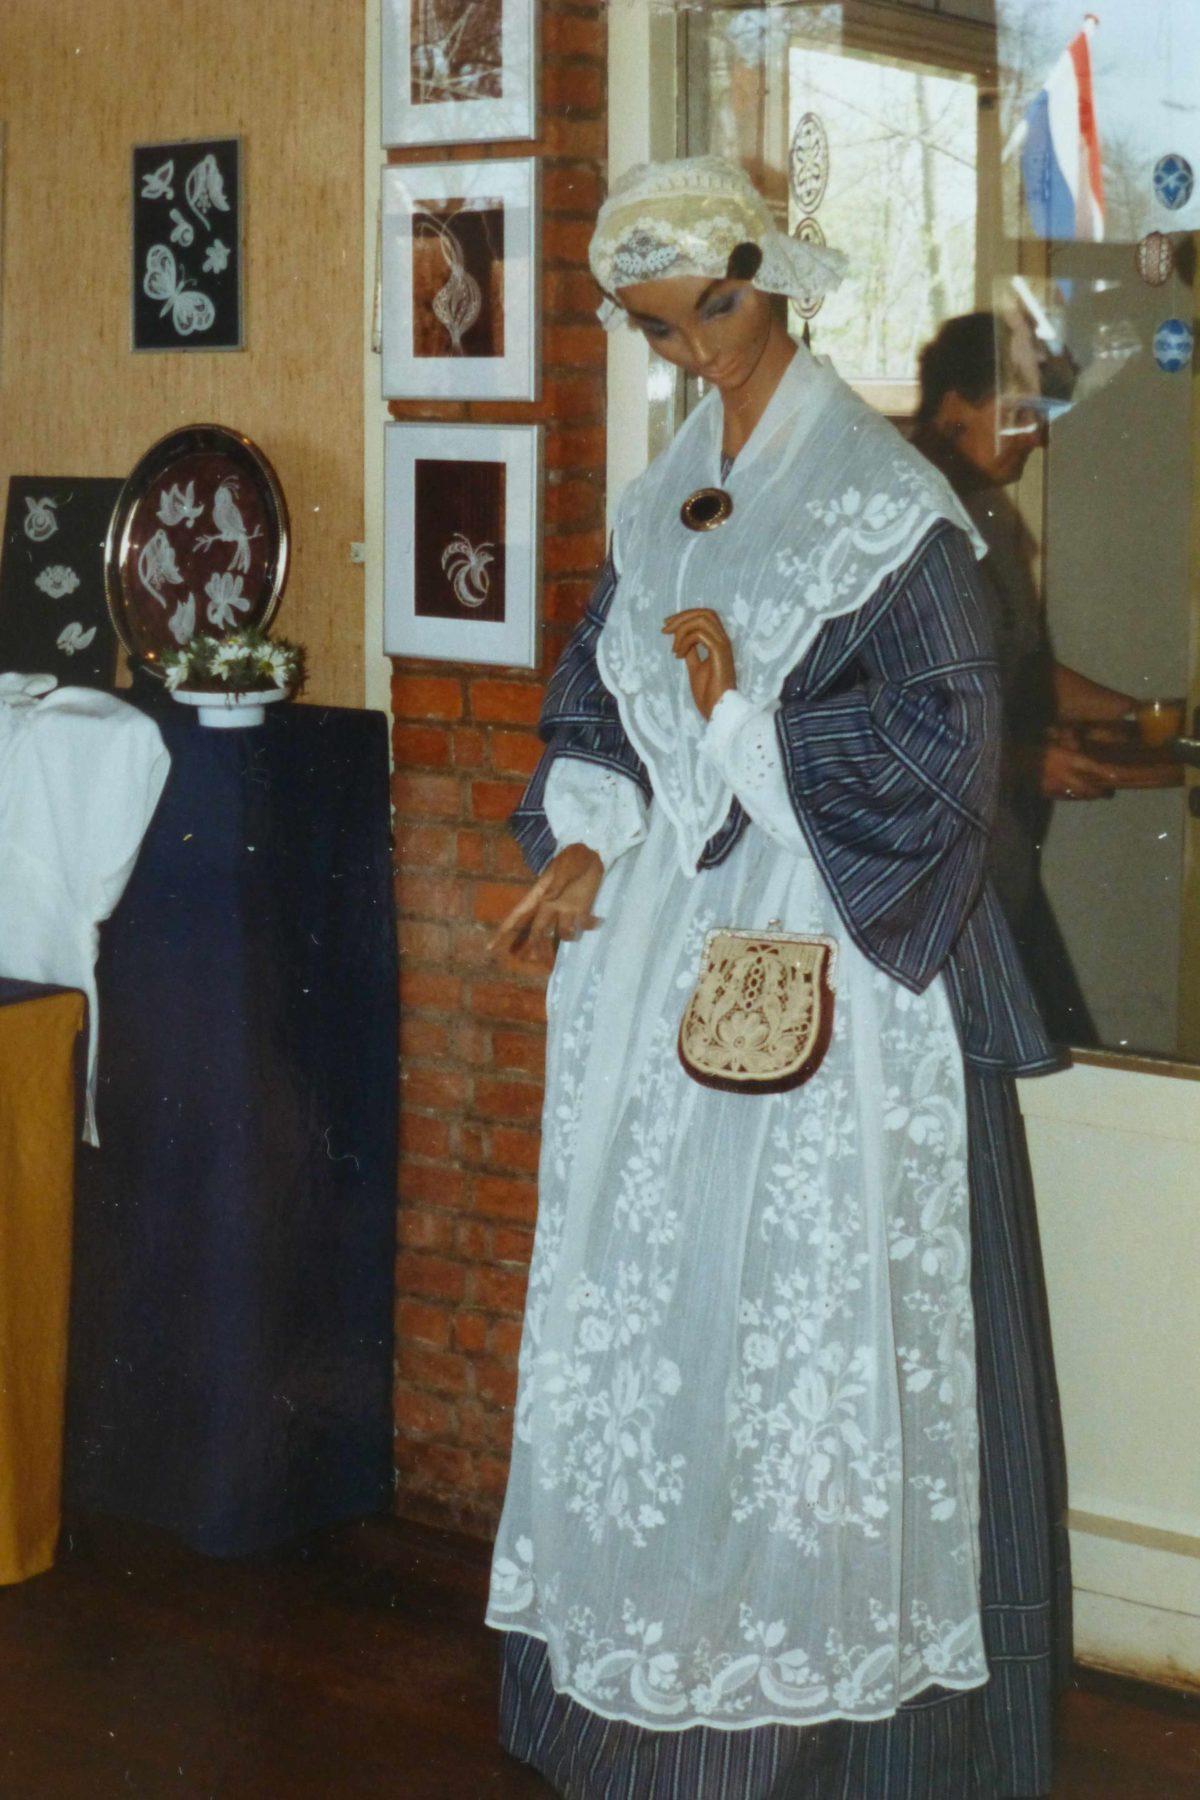 Friese kledendracht met fijn tamboureerwerk